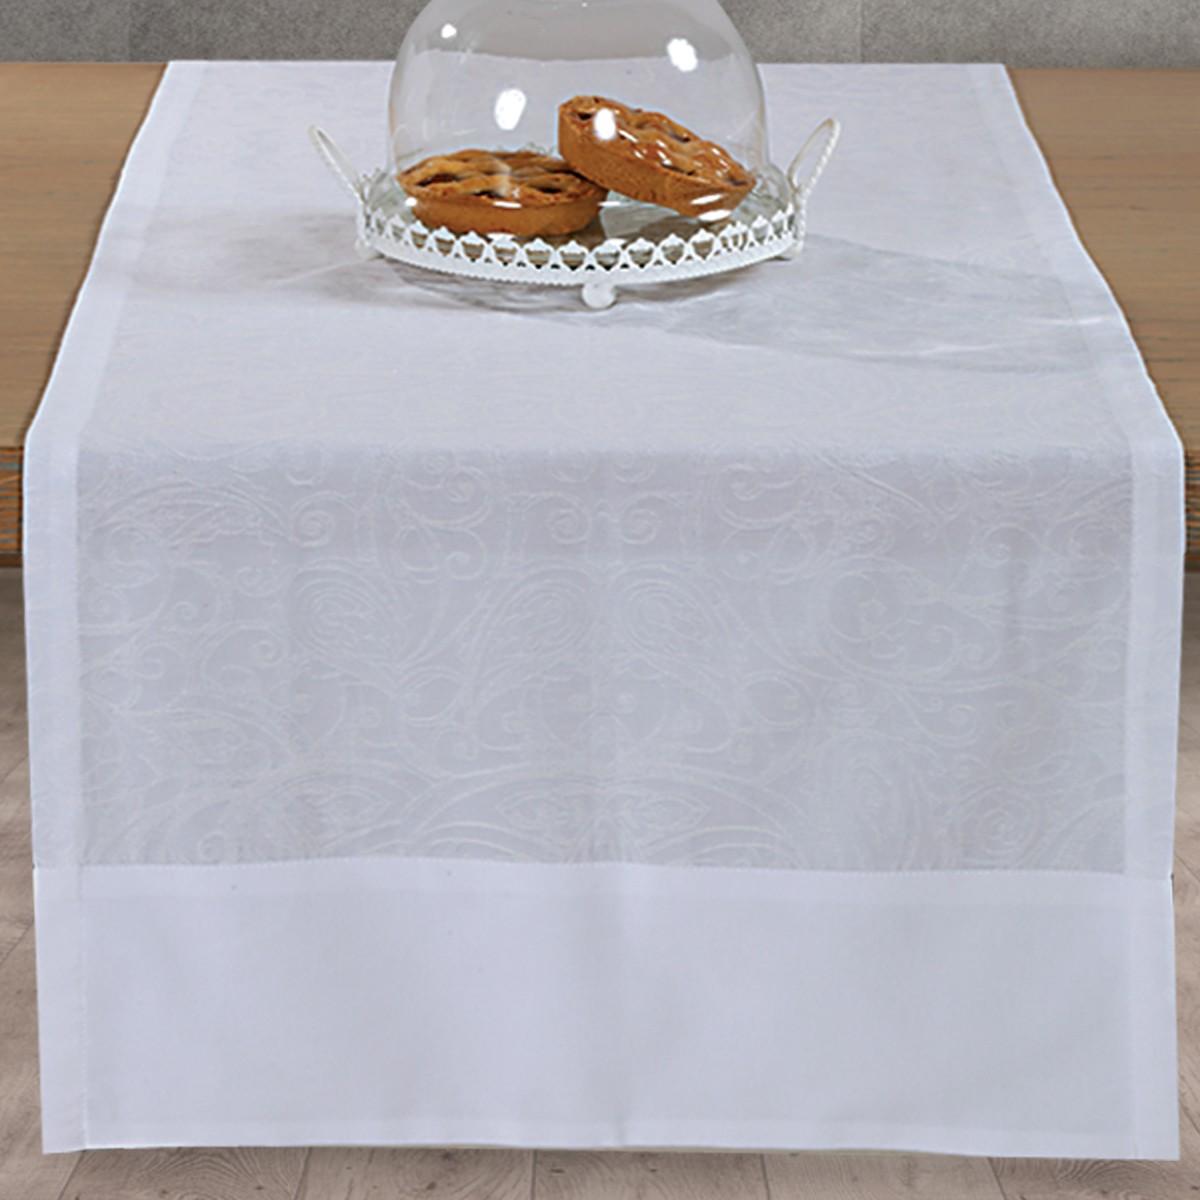 Τραβέρσα Nef-Nef Dream On White home   κουζίνα   τραπεζαρία   τραβέρσες